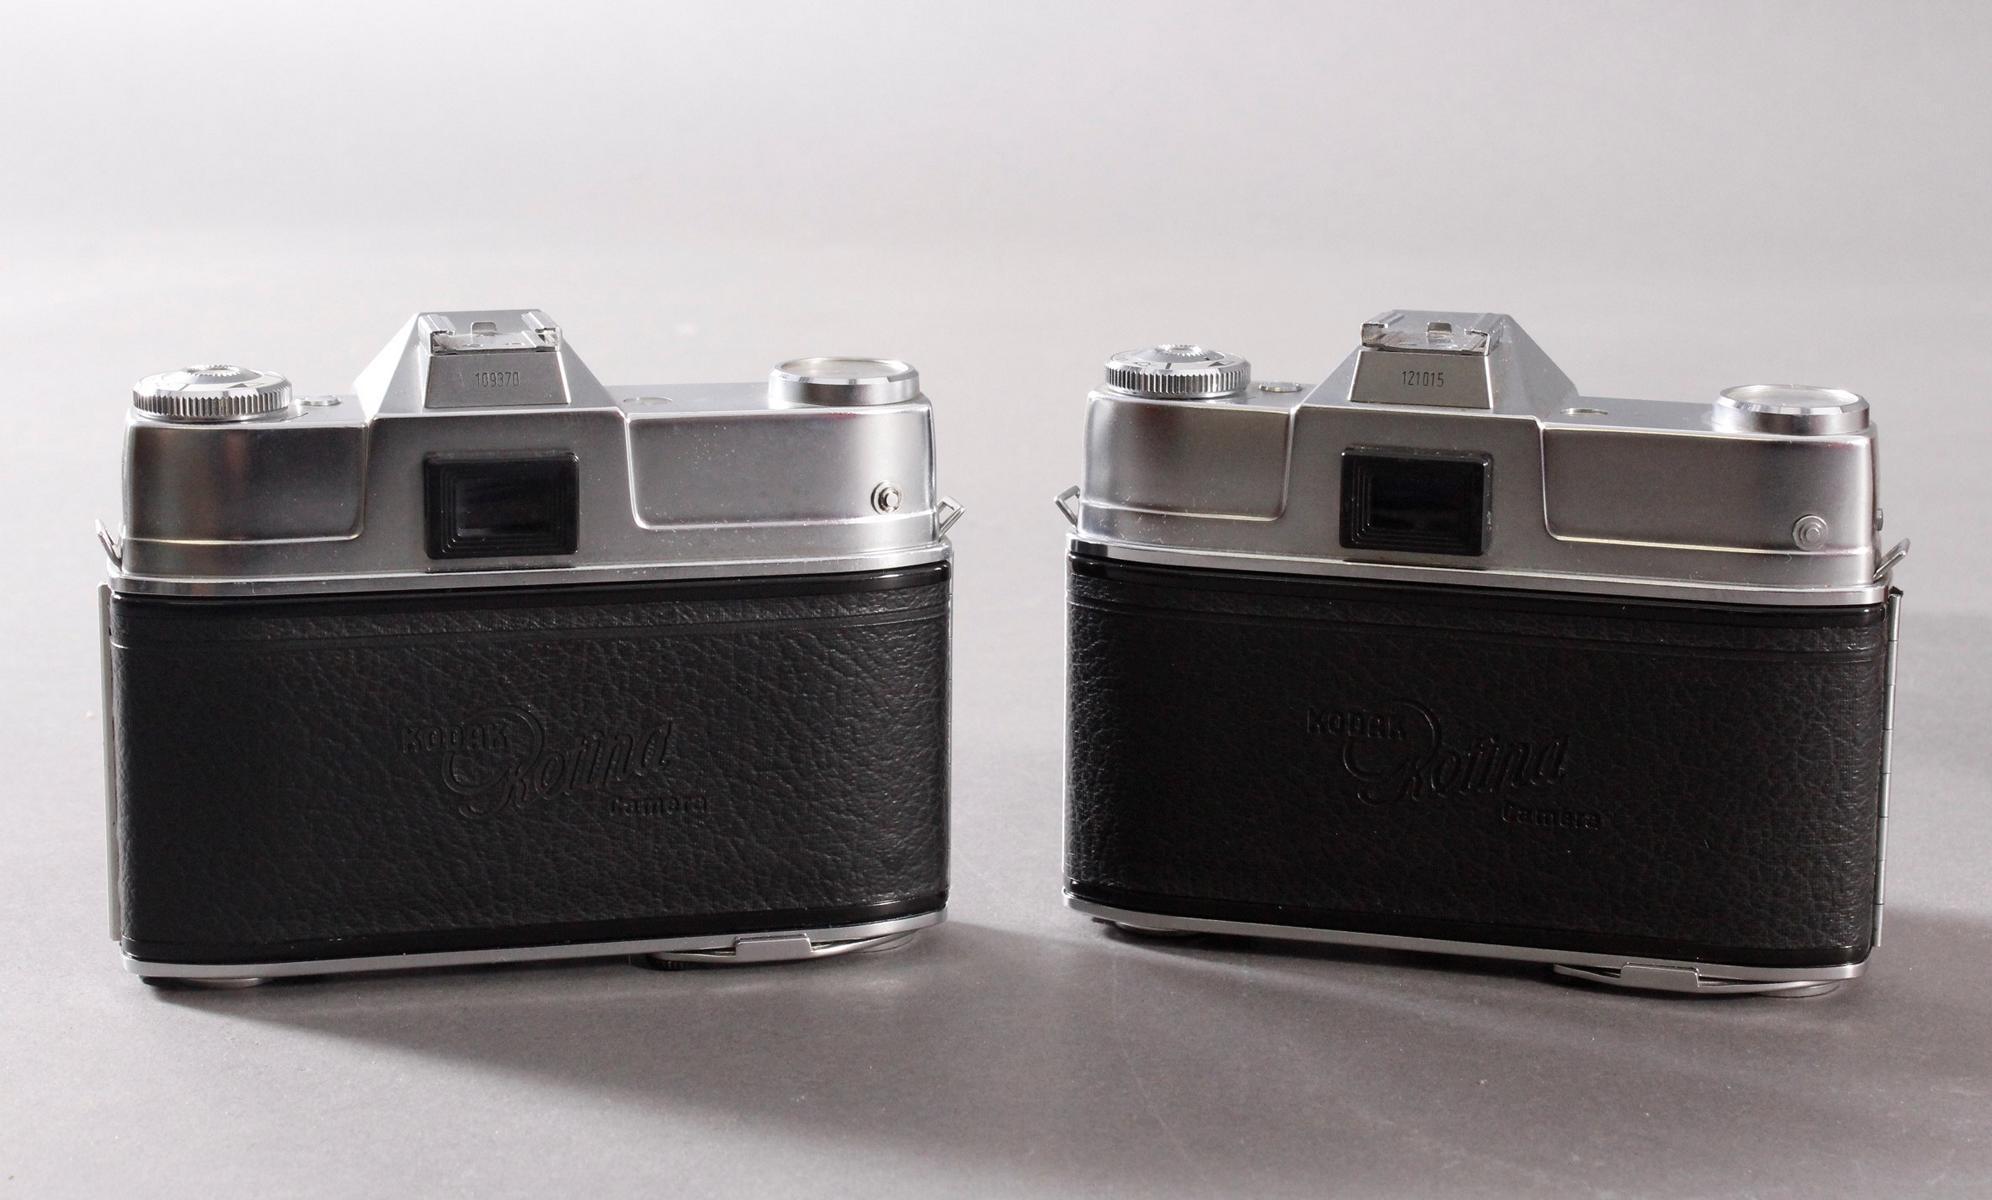 Zwei Fotoapparate/Kameras, Kodak-3